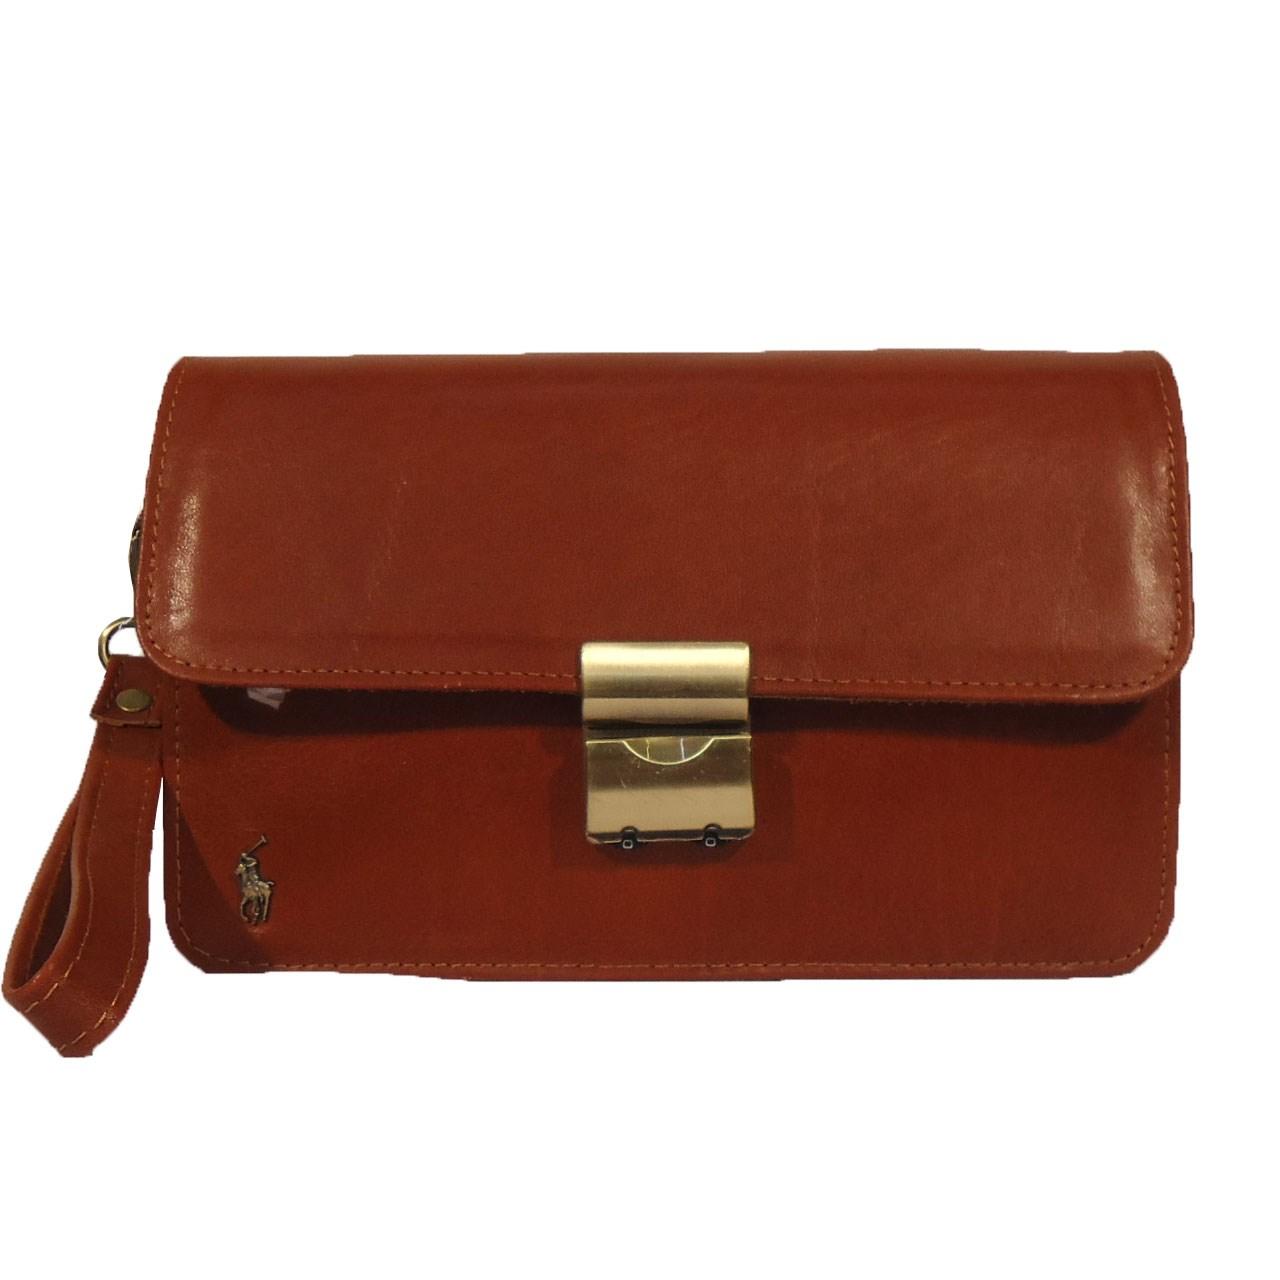 قیمت کیف پاسپورتی چرم مردانه سالار مدل E147